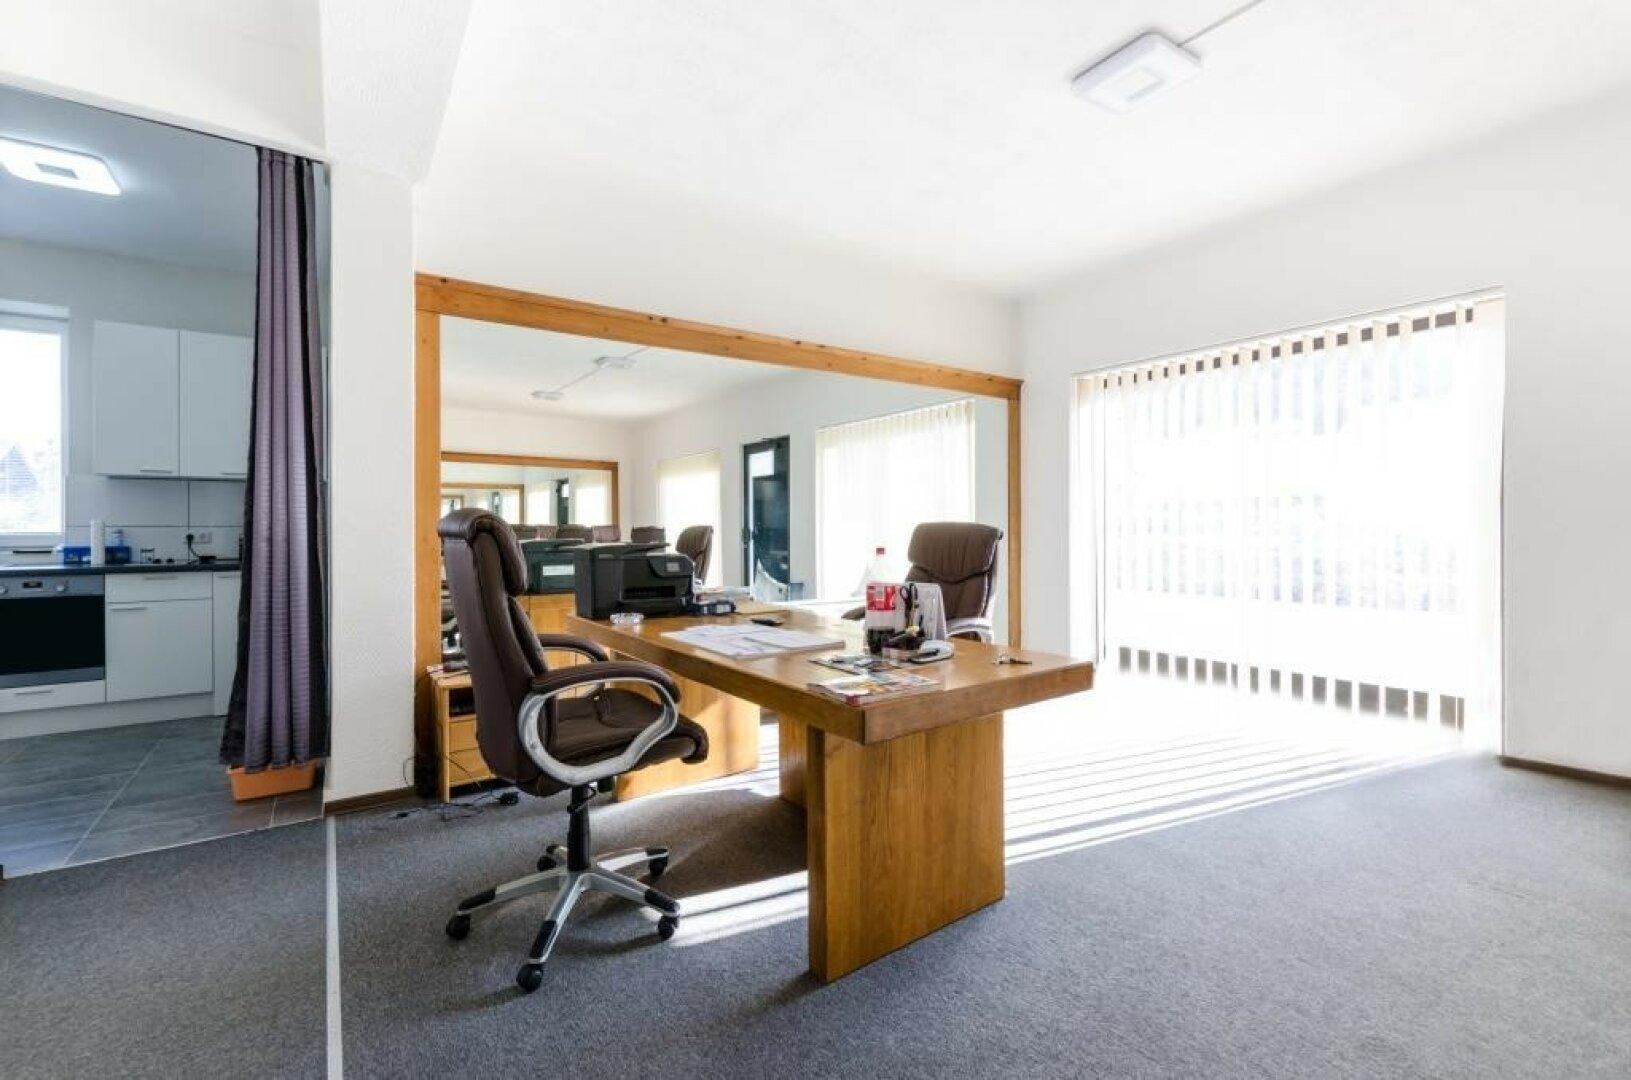 Büro_Geschäft